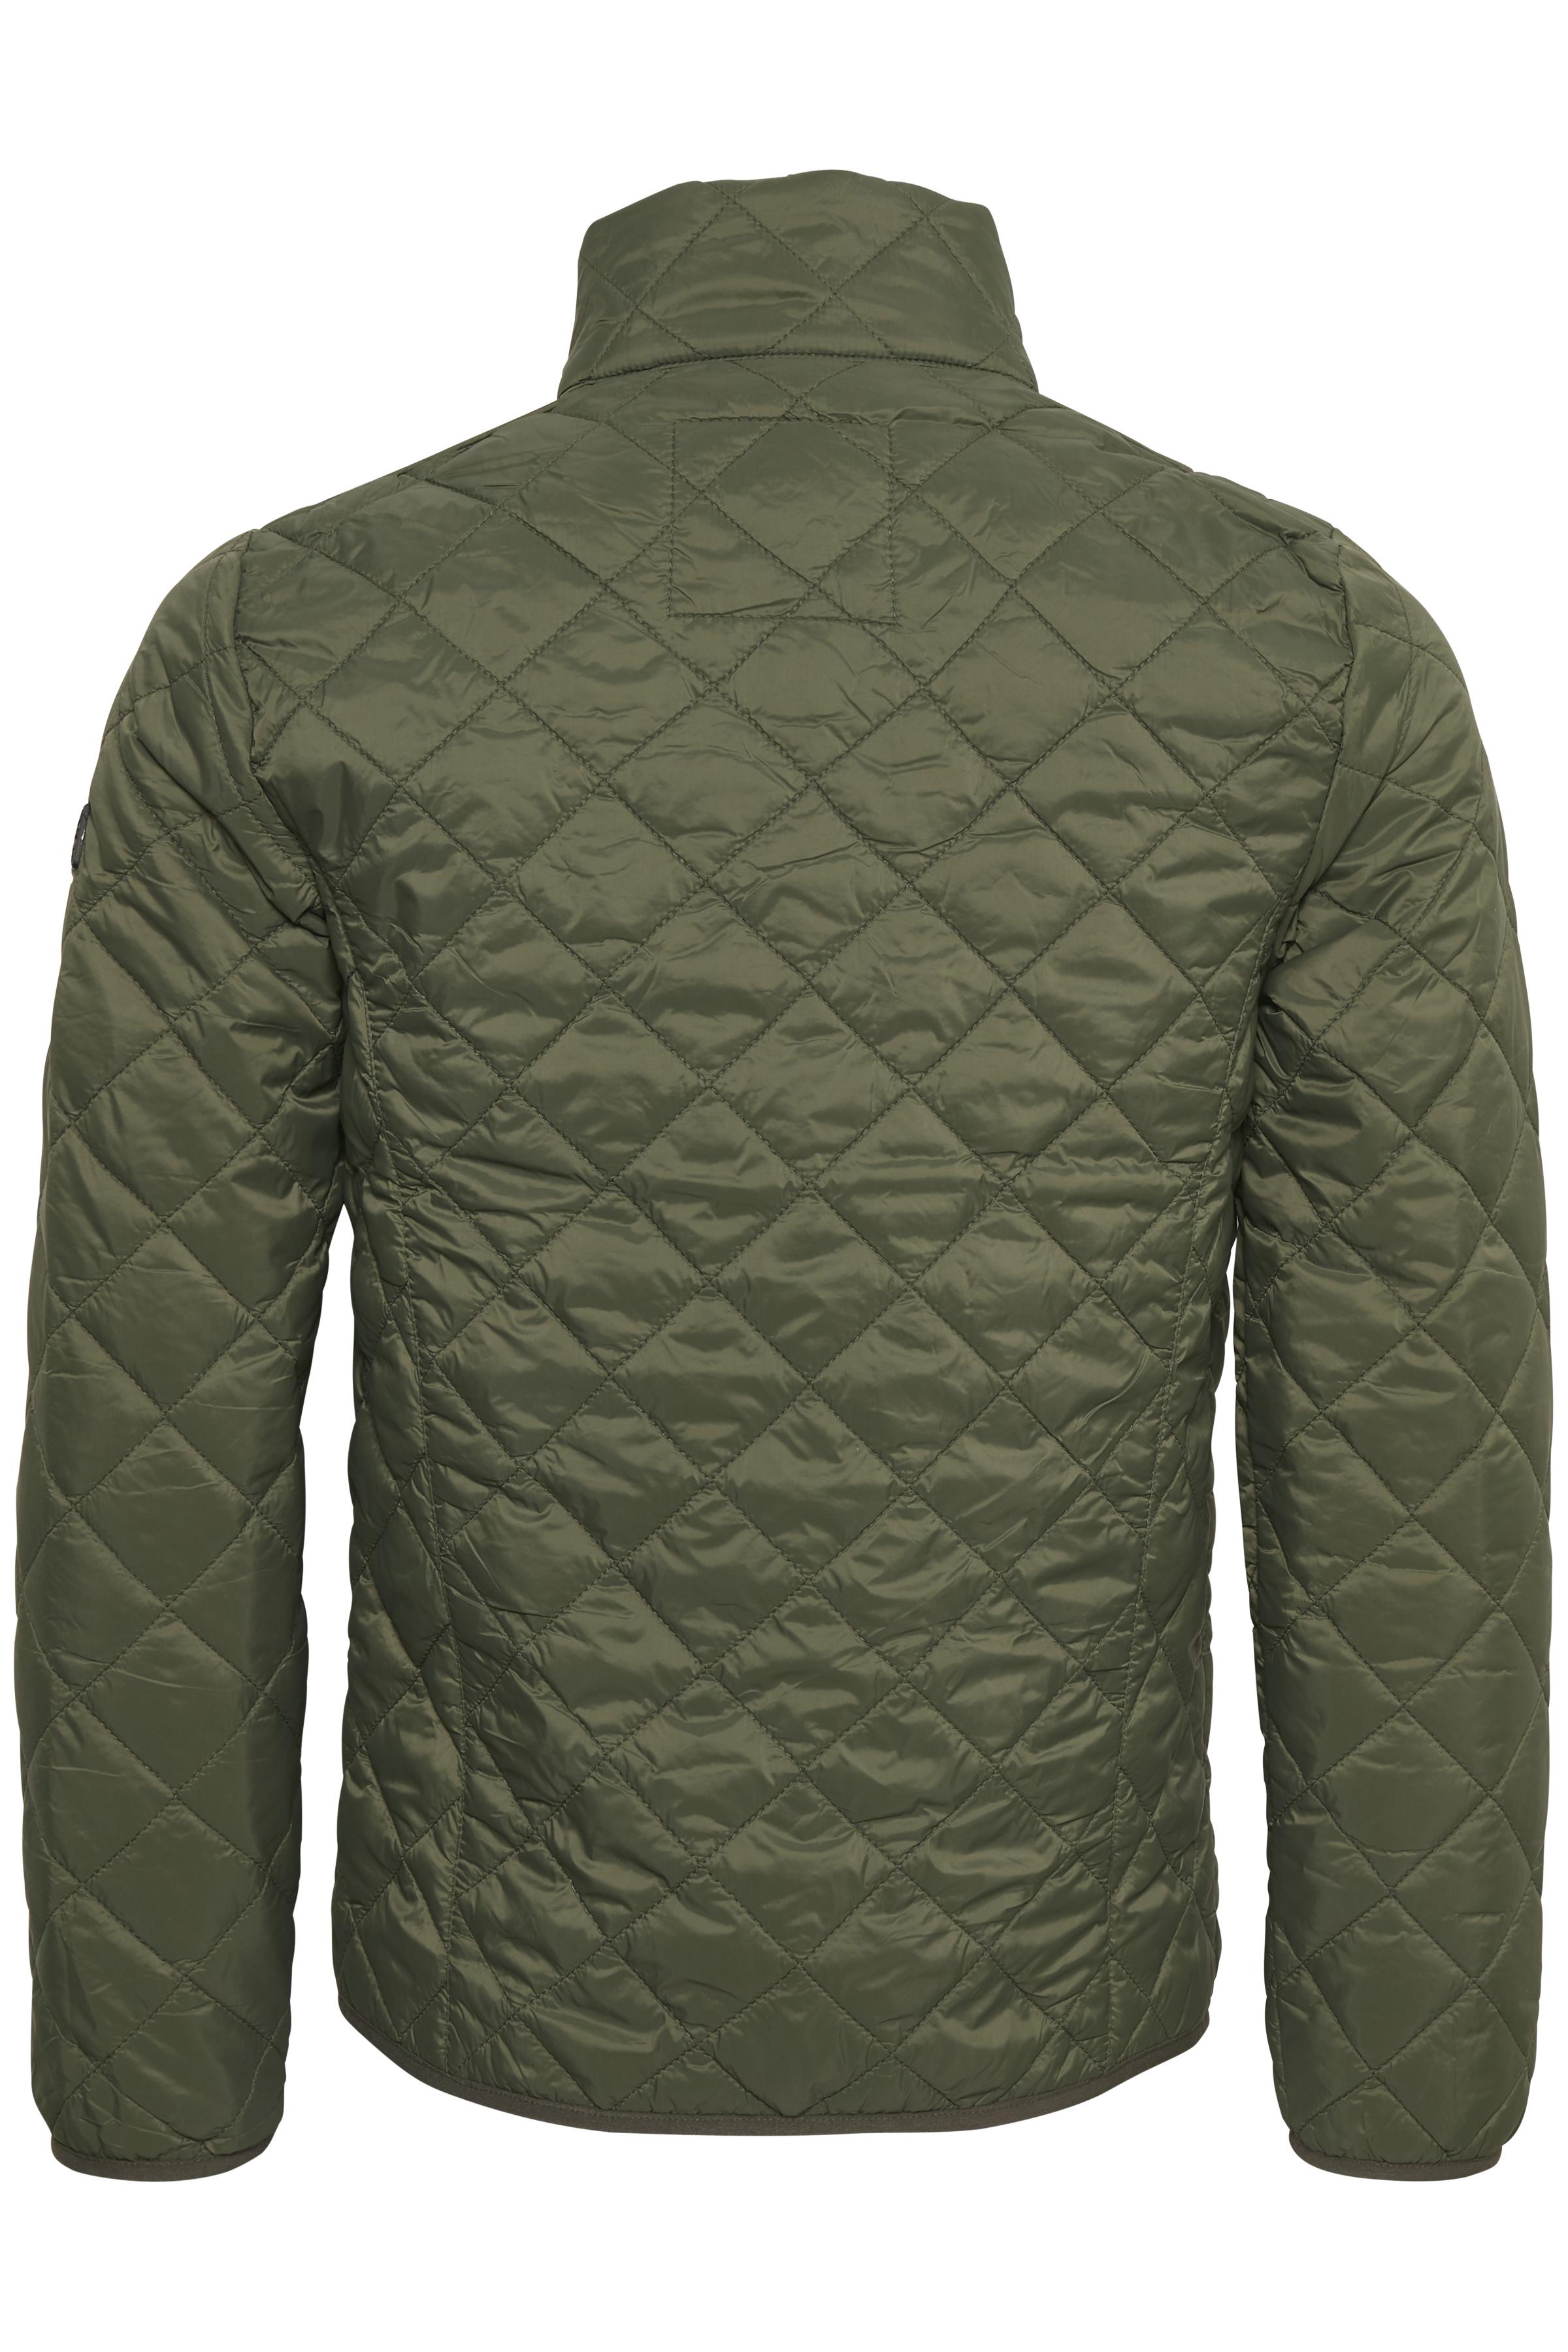 Beetle Green Overtøj – Køb Beetle Green Overtøj fra str. S-XXL her